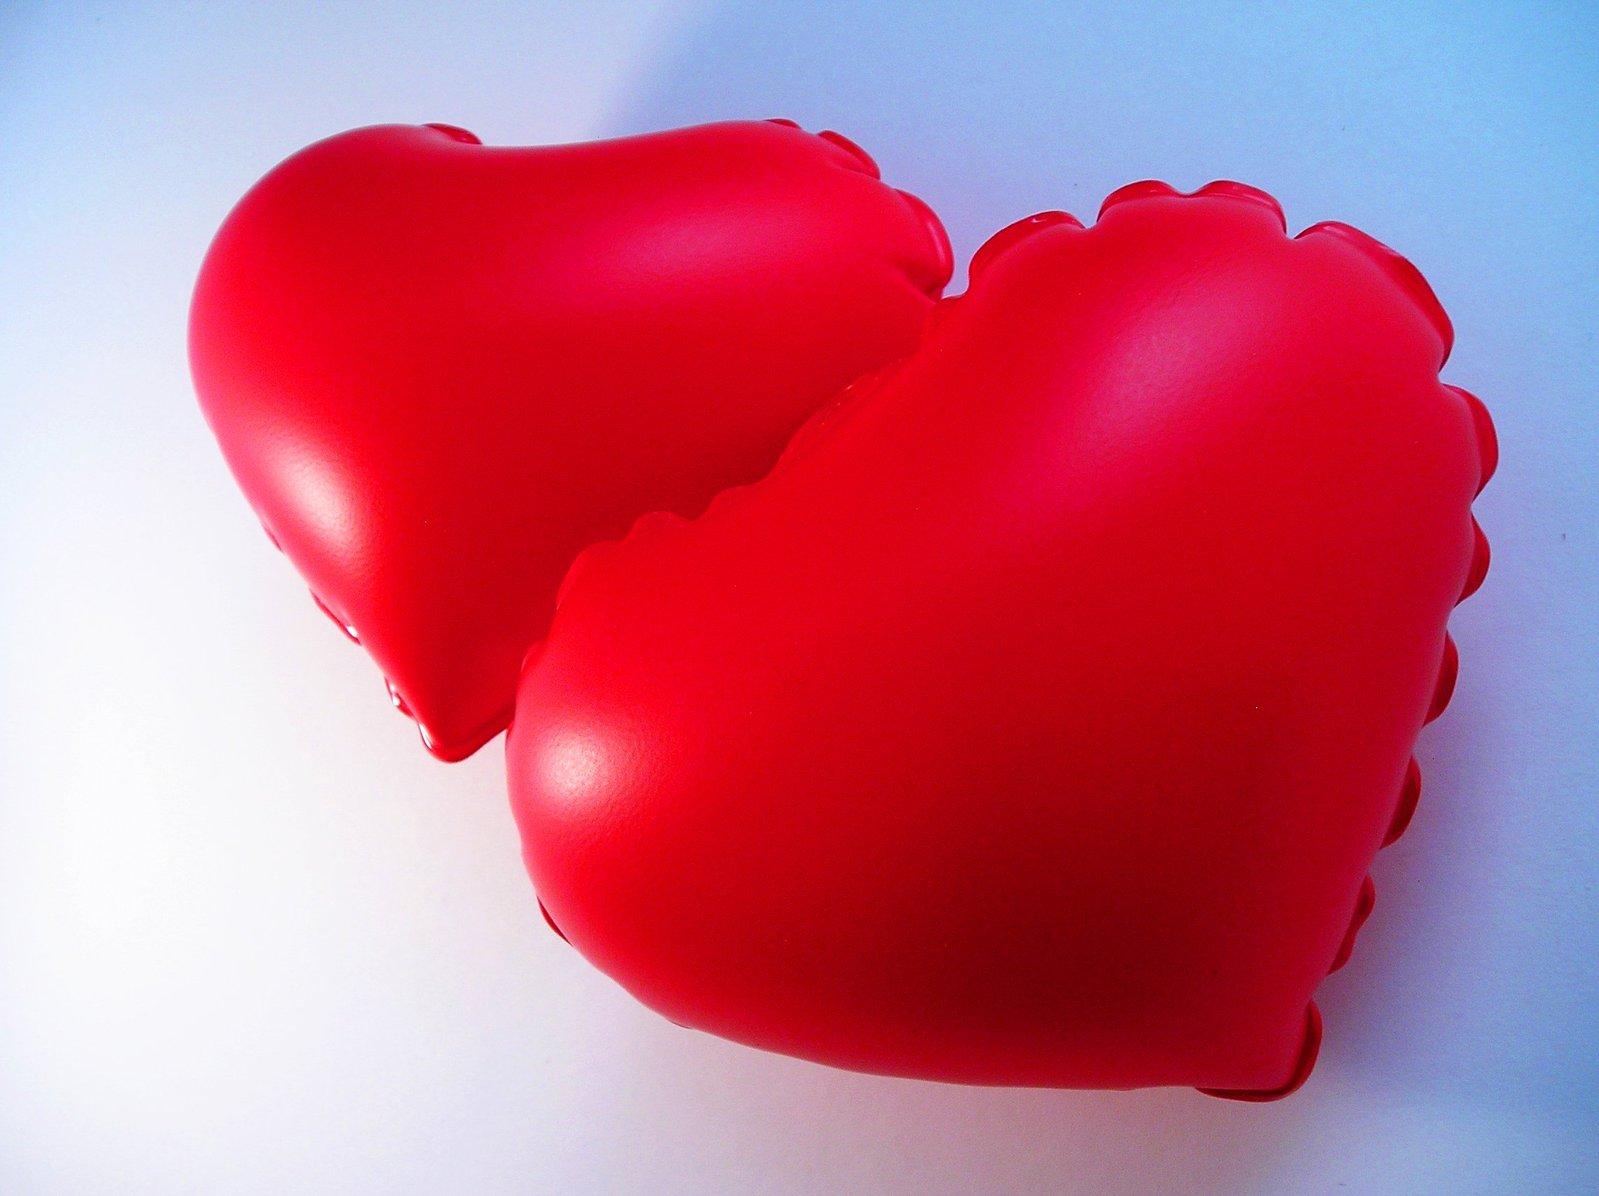 Verschillen tussen mannen en vrouwen bij hartfalen